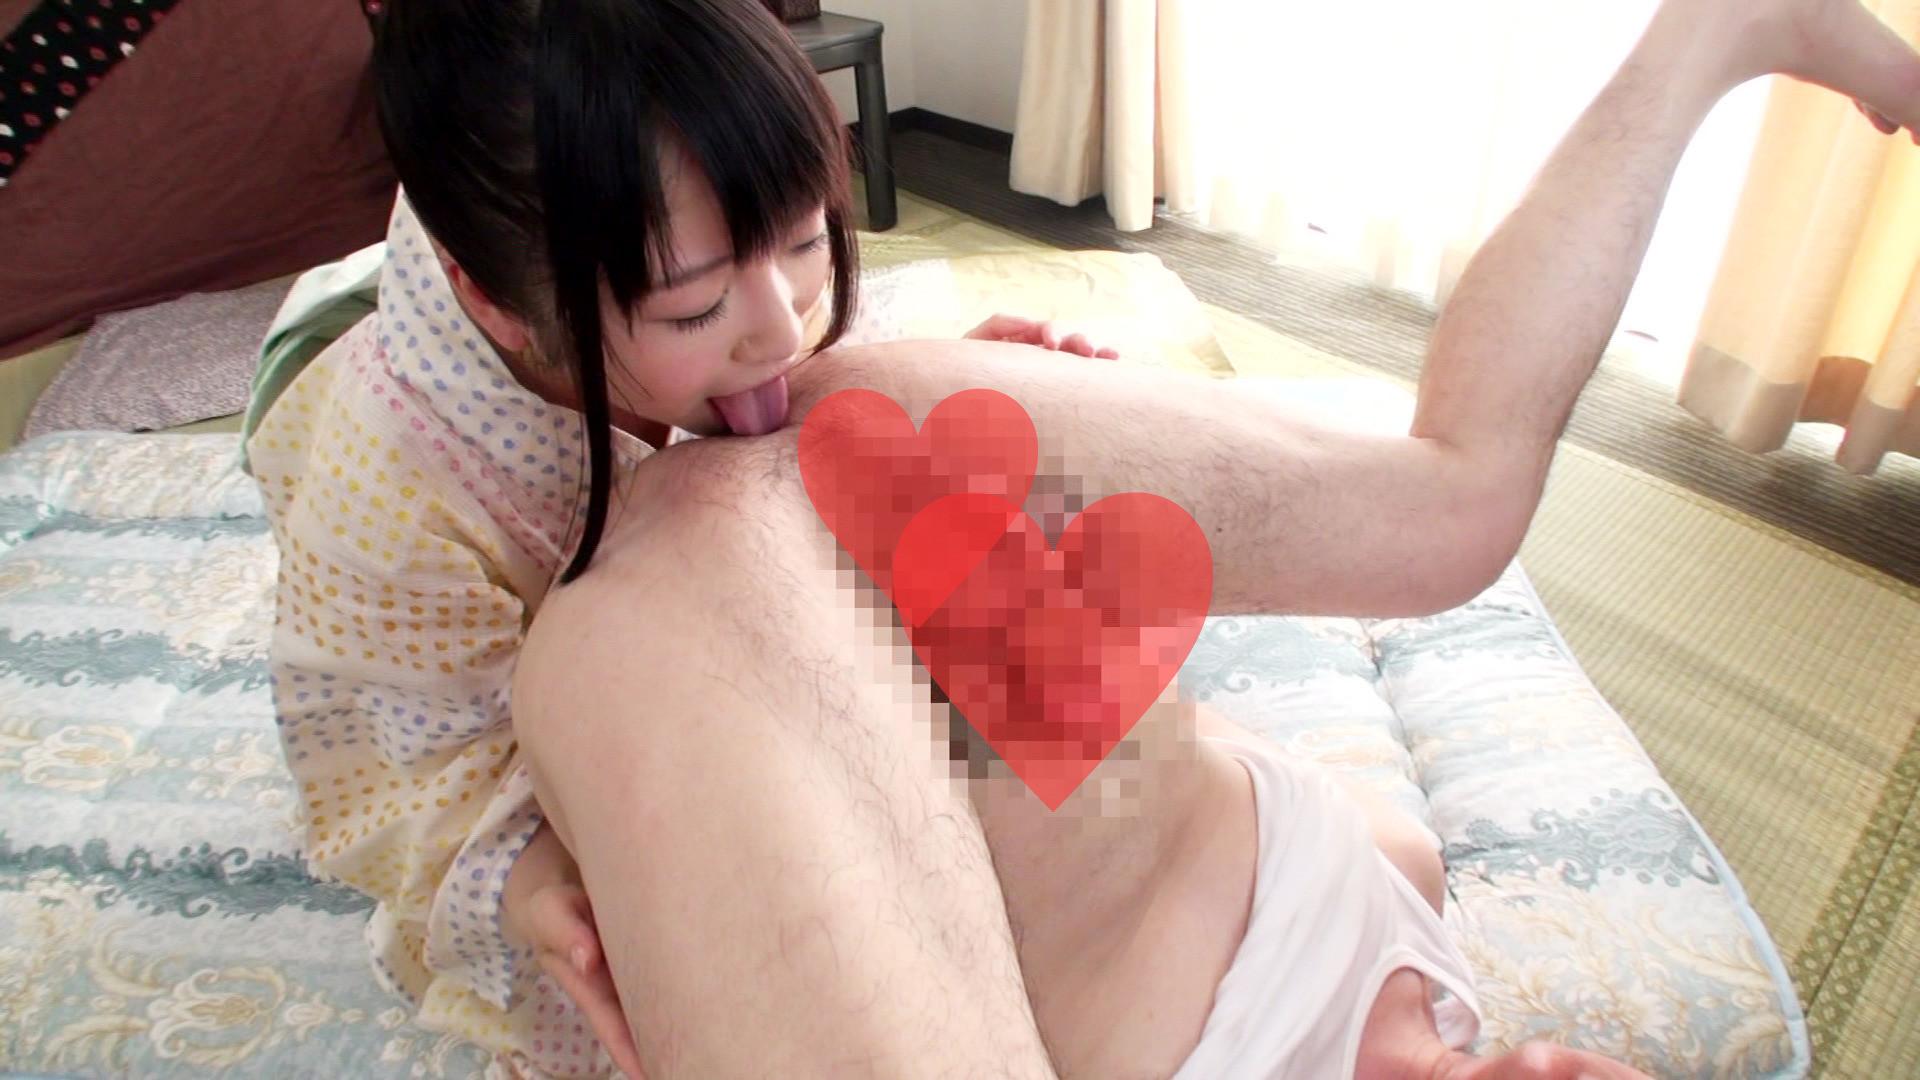 浴衣姿のちっぱい美少女にハメながら顔に精液ブッカケましたぁ~!!